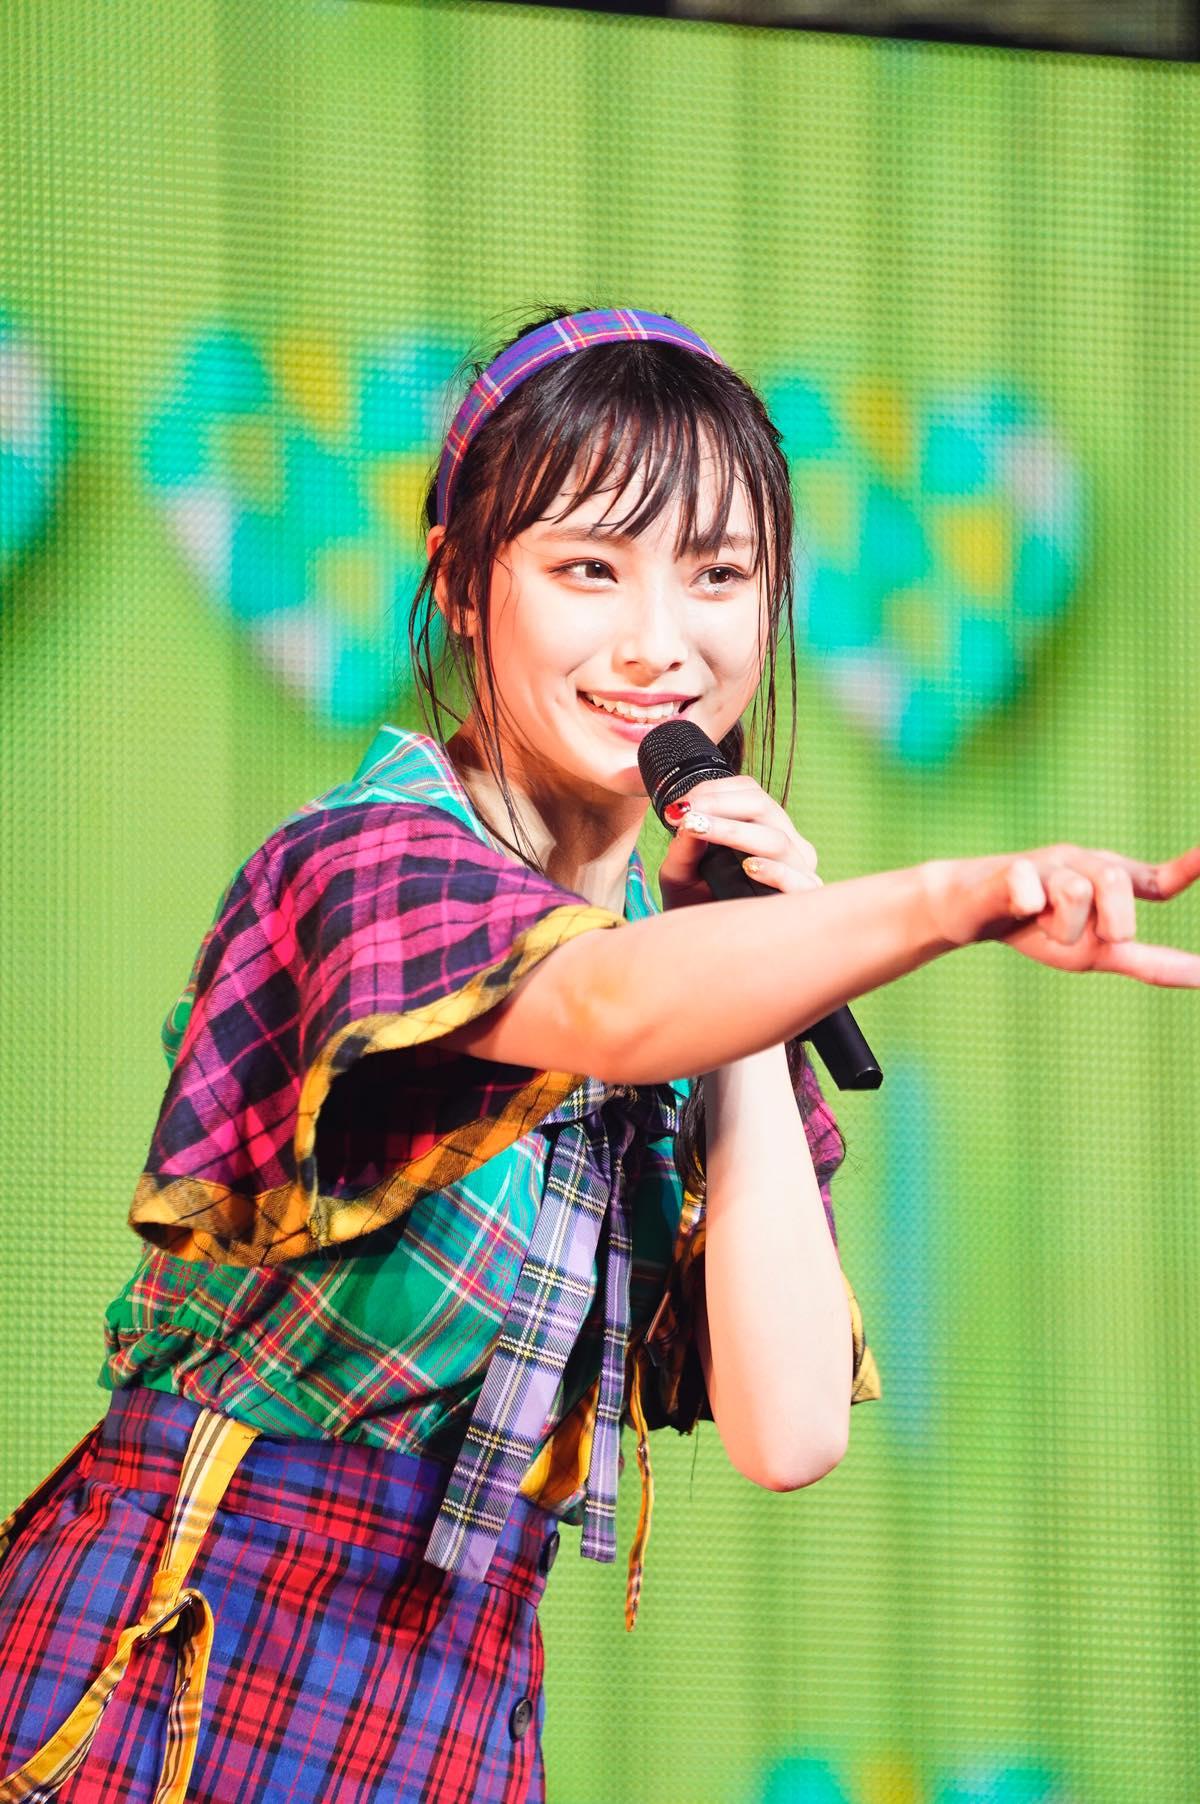 NMB48梅山恋和ソロコンサートの画像2